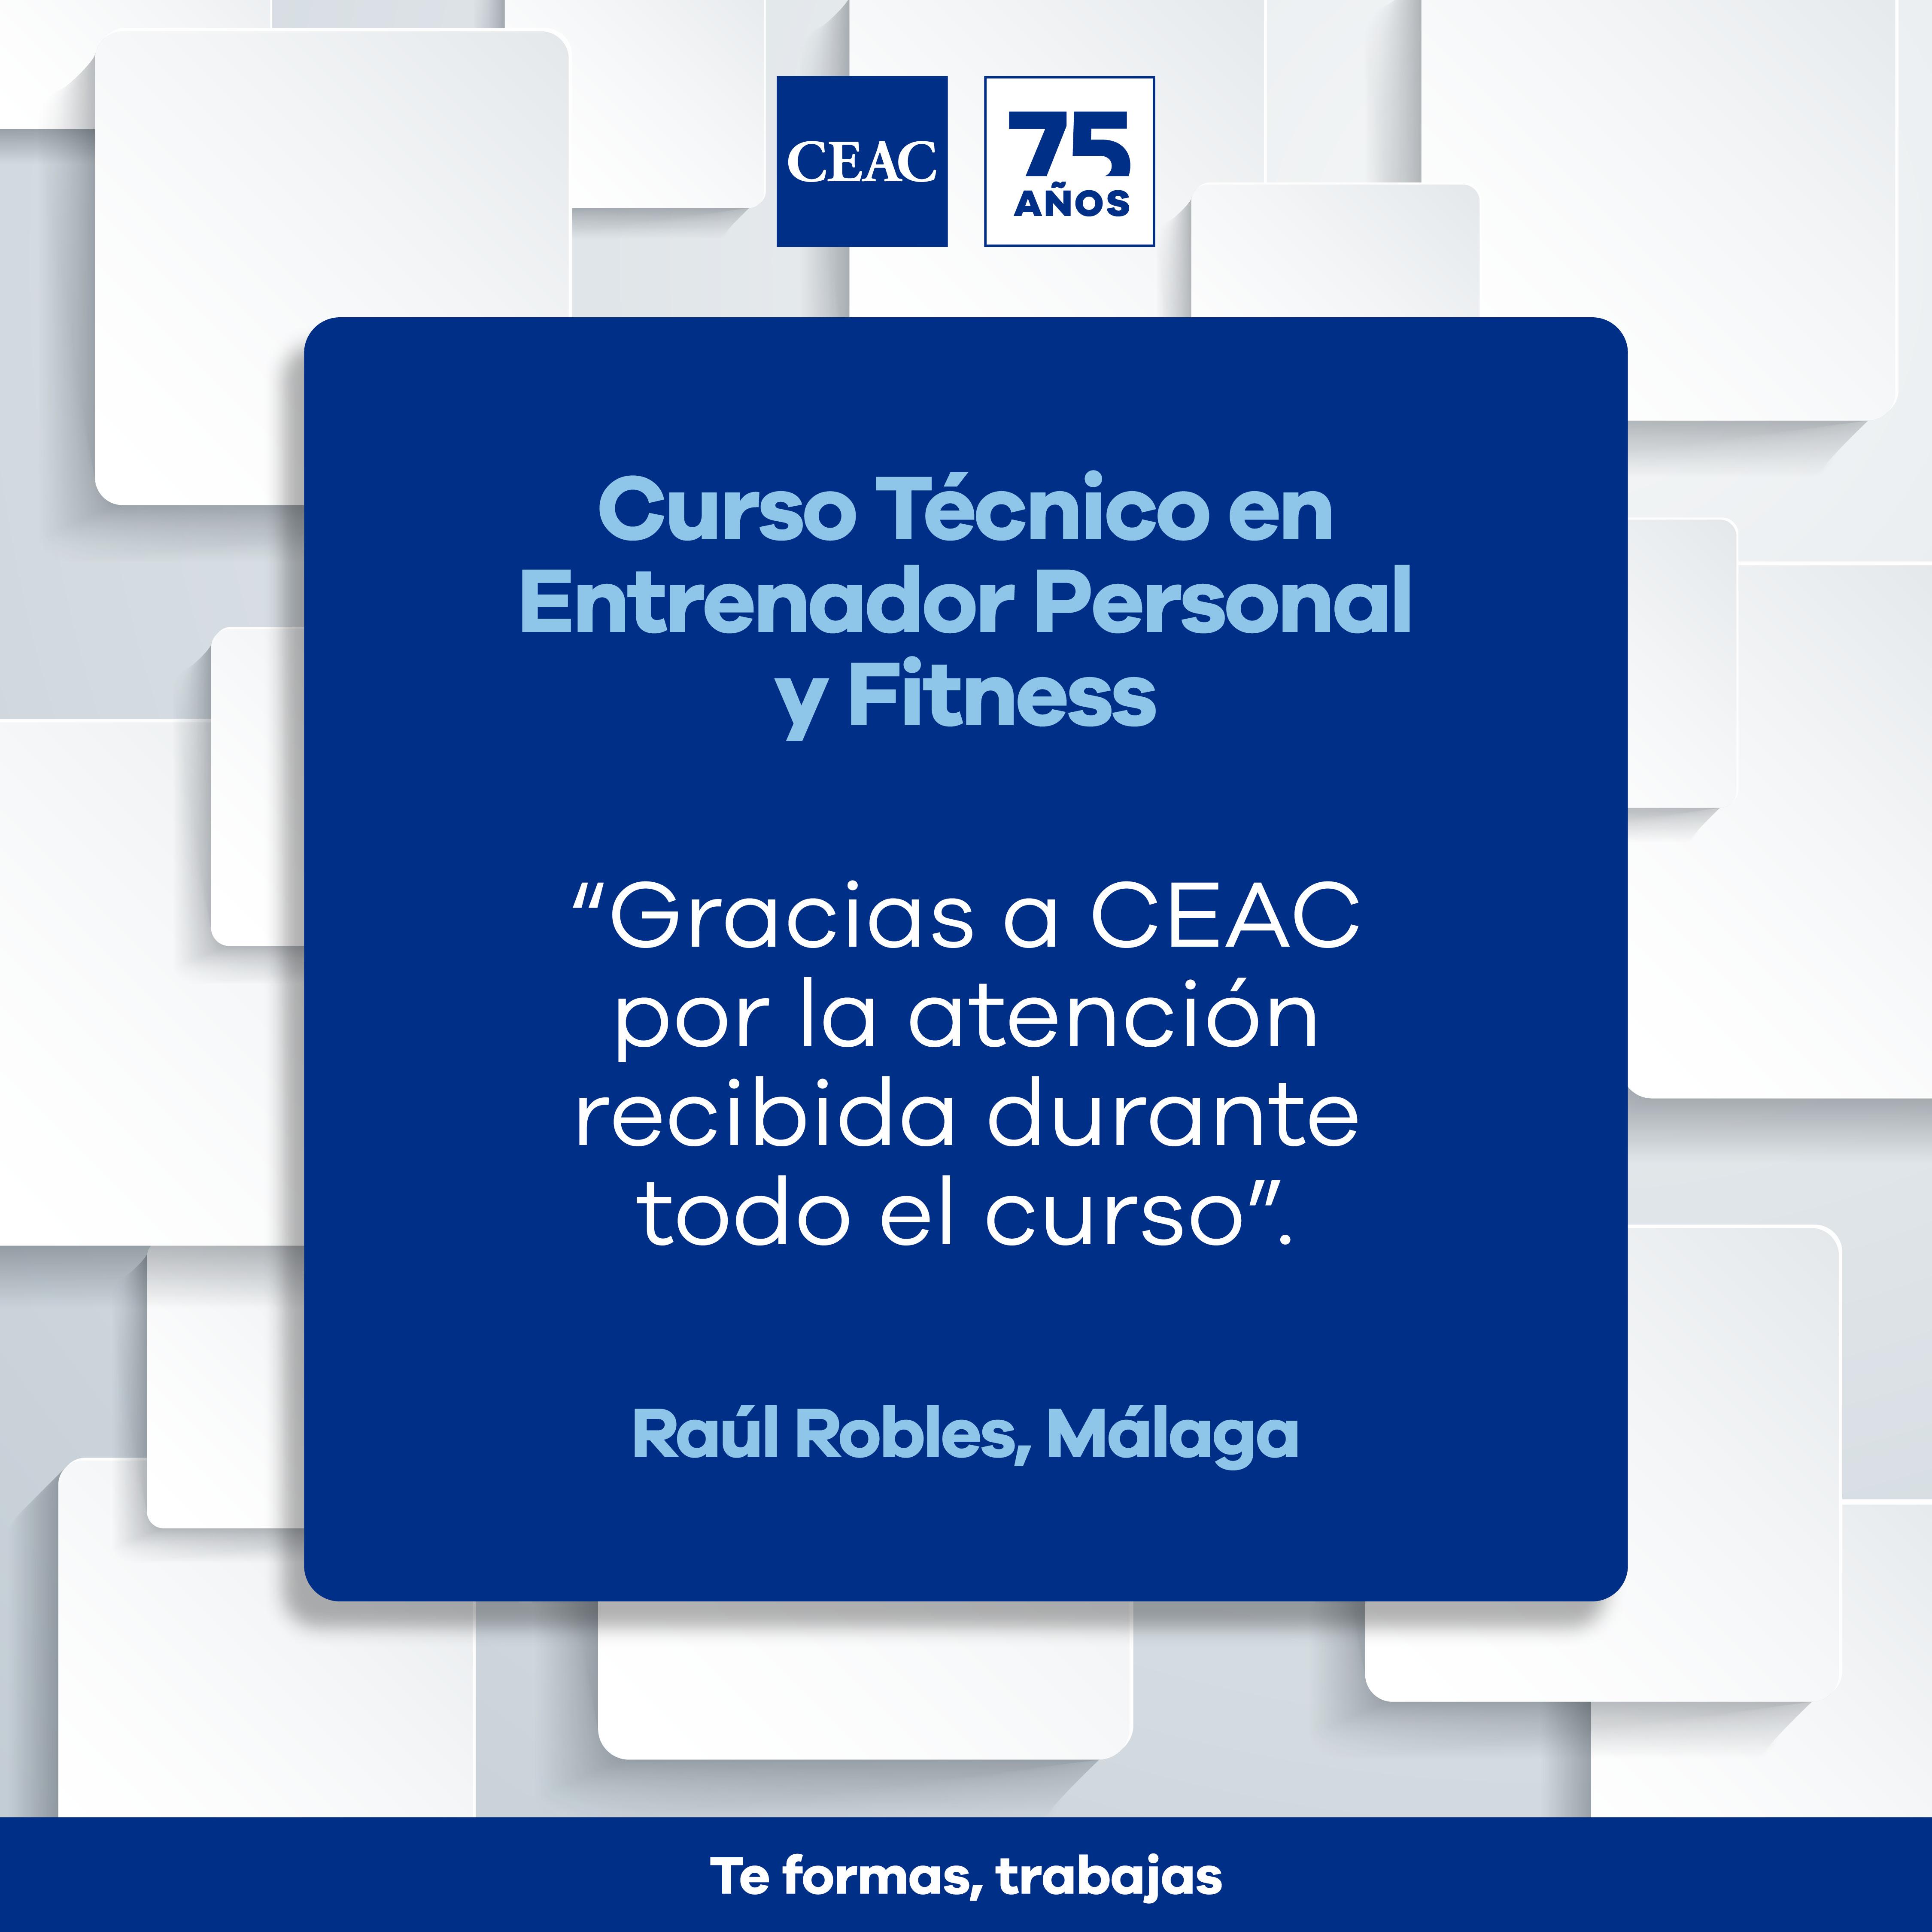 Opinión de Raúl sobre el Curso Técnico En Entrenador Personal y Fitness